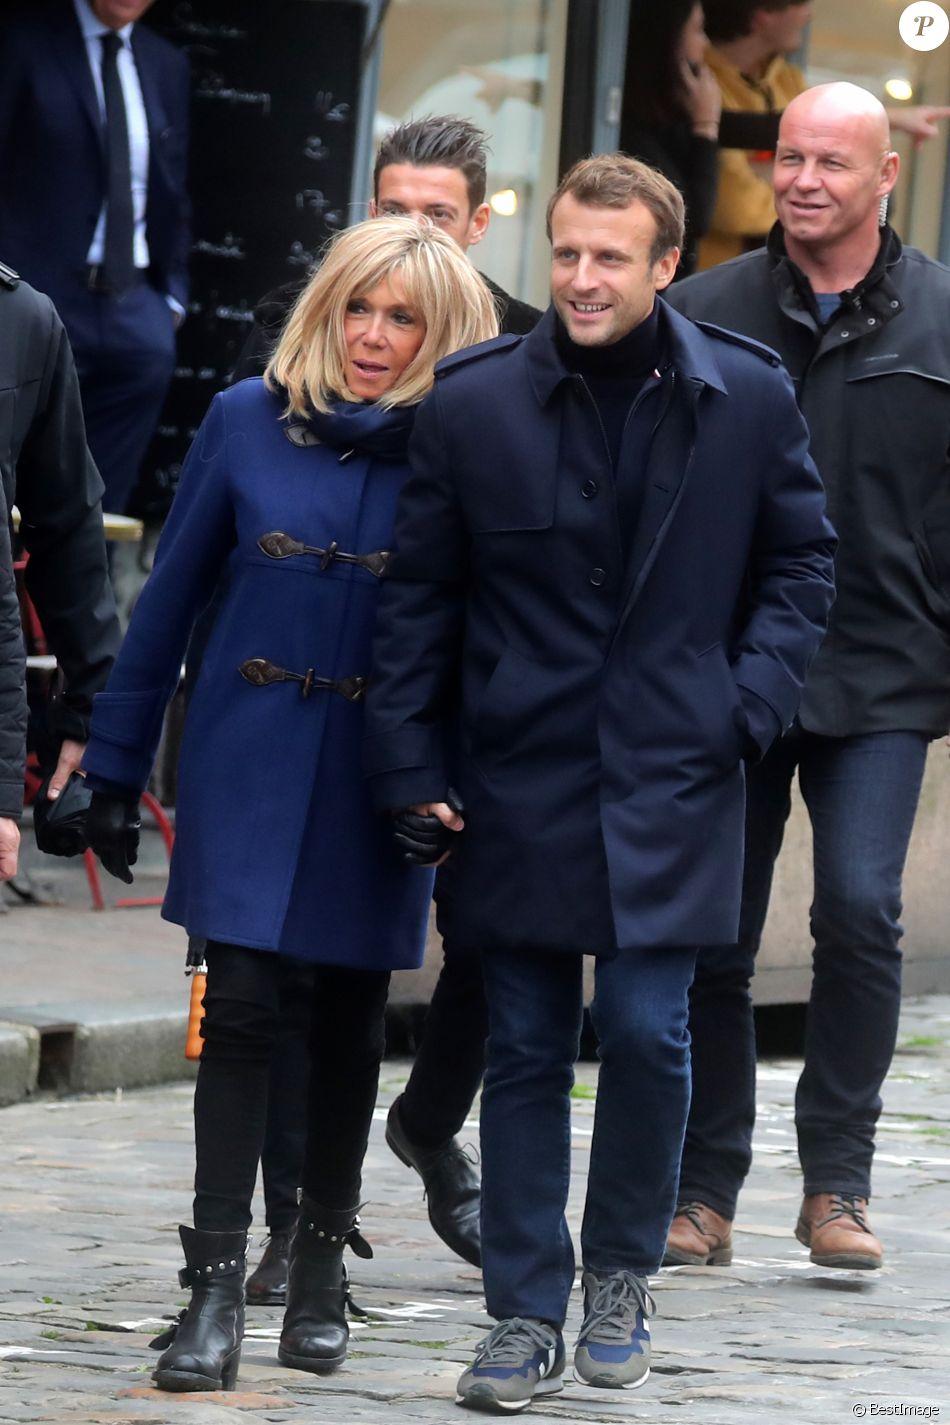 """Comme chaque année, le président Emmanuel Macron et sa femme Brigitte passent le week-end de la Toussaint à Honfleur dans le Calvados. Ils sont arrivés le mercredi 30 octobre dans la soirée et logent à la Ferme Saint-Siméon, un hôtel cinq étoiles de Honfleur. En ce troisième jour, après un déjeuner au restaurant """"Bistrot des Artistes"""" où ils ont leurs habitudes depuis des années et où ils avaient déjà déjeuné les deux jours précédents, le président Emmanuel Macron et la Première dame Brigitte Macron sont allés à la rencontre des habitants puis se sont offert une petite promenade sur la plage. Honfleur, le 2 novembre 2019."""